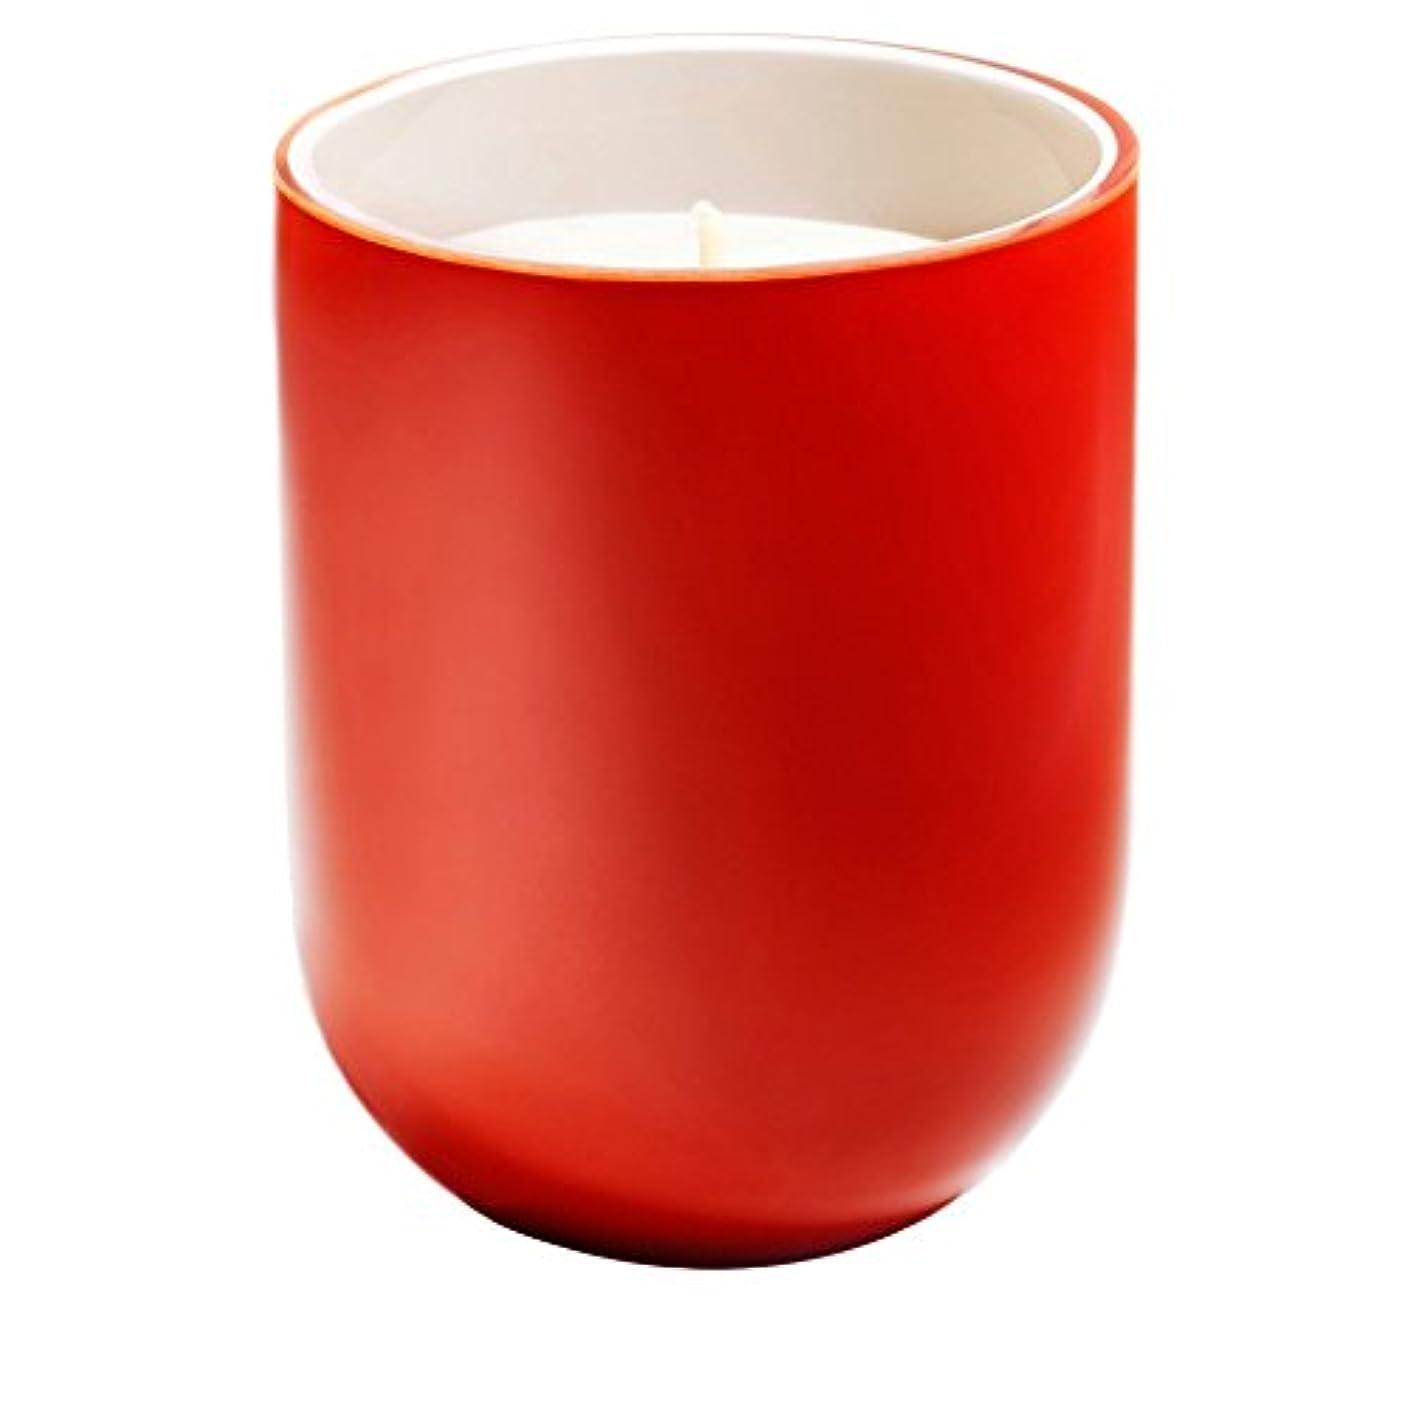 アルコール滑りやすい限られたフレデリック?マル国連ガーデニア?ラ?ニュイ香りのキャンドル x6 - Frederic Malle Un Gard?nia La Nuit Scented Candle (Pack of 6) [並行輸入品]